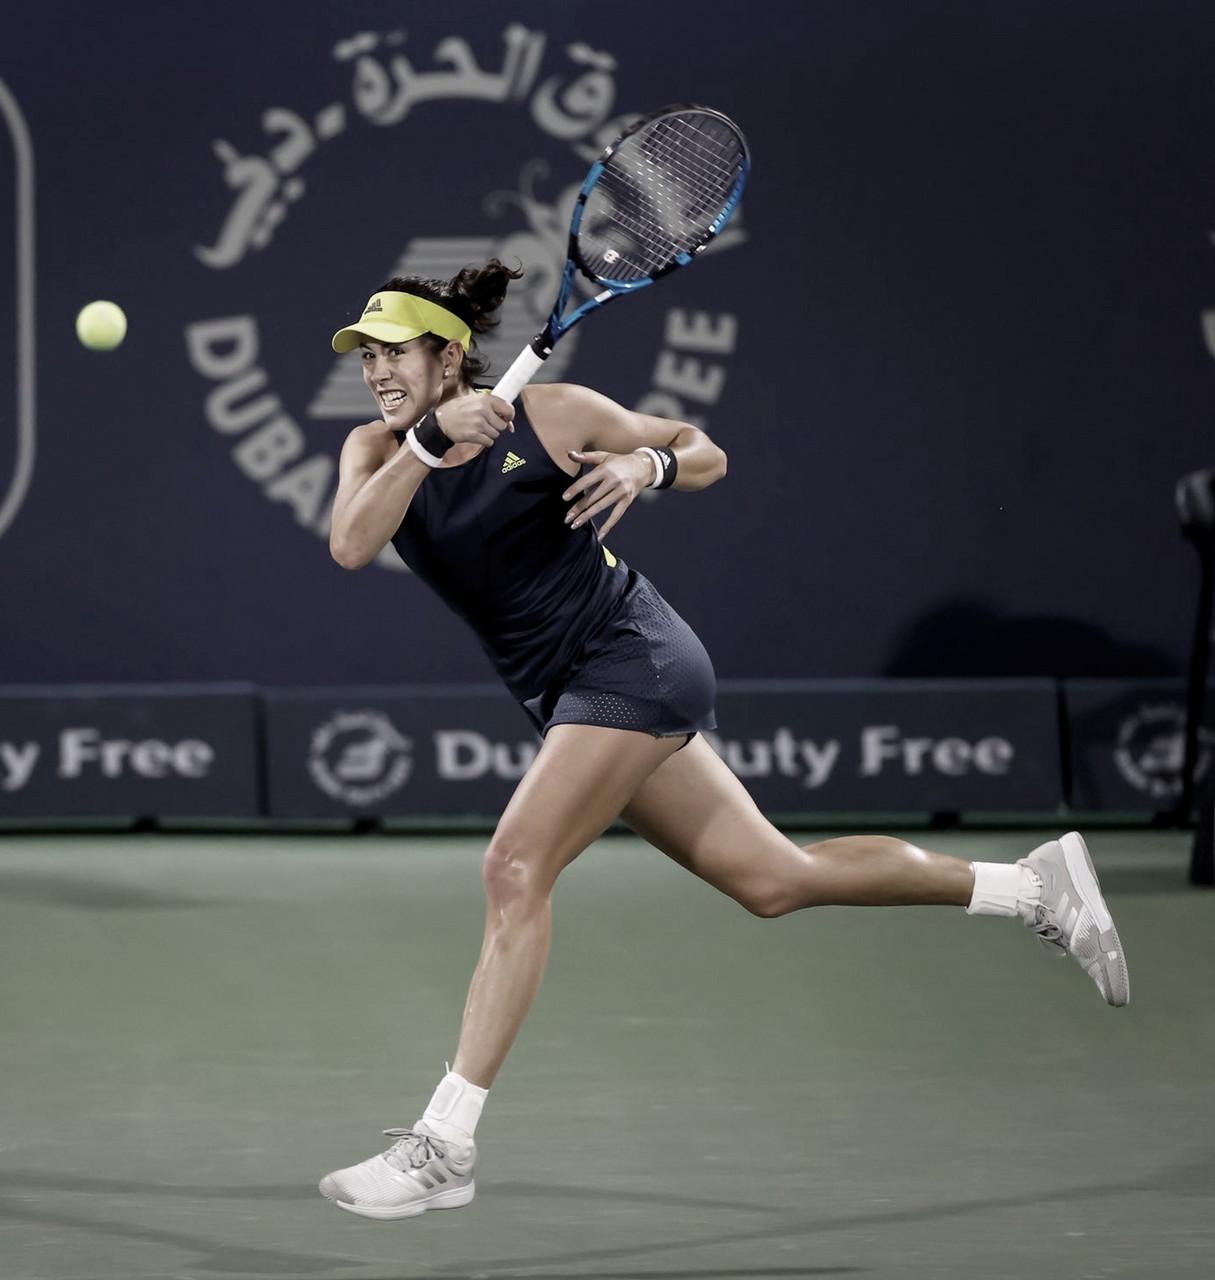 Muguruza desafía a la sorprendente Krejcikova, van por el título en Dubái